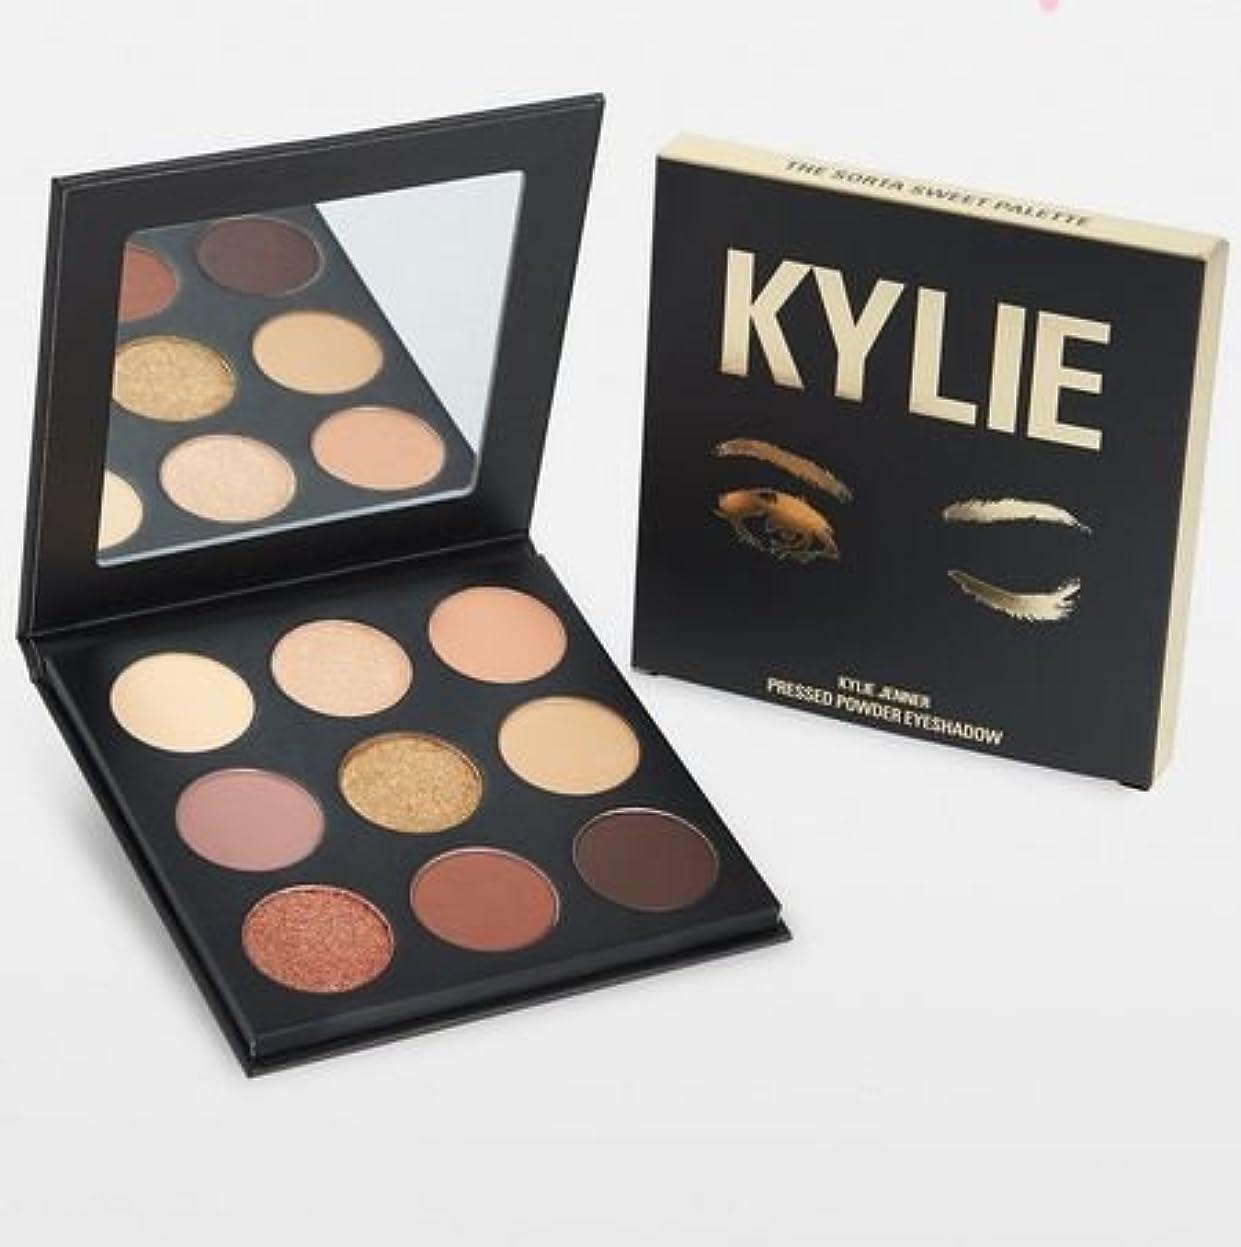 含意すごい質量Kylie Cosmetics The Sorta Sweet Palette | Kyshadow カイリーコスメティックス